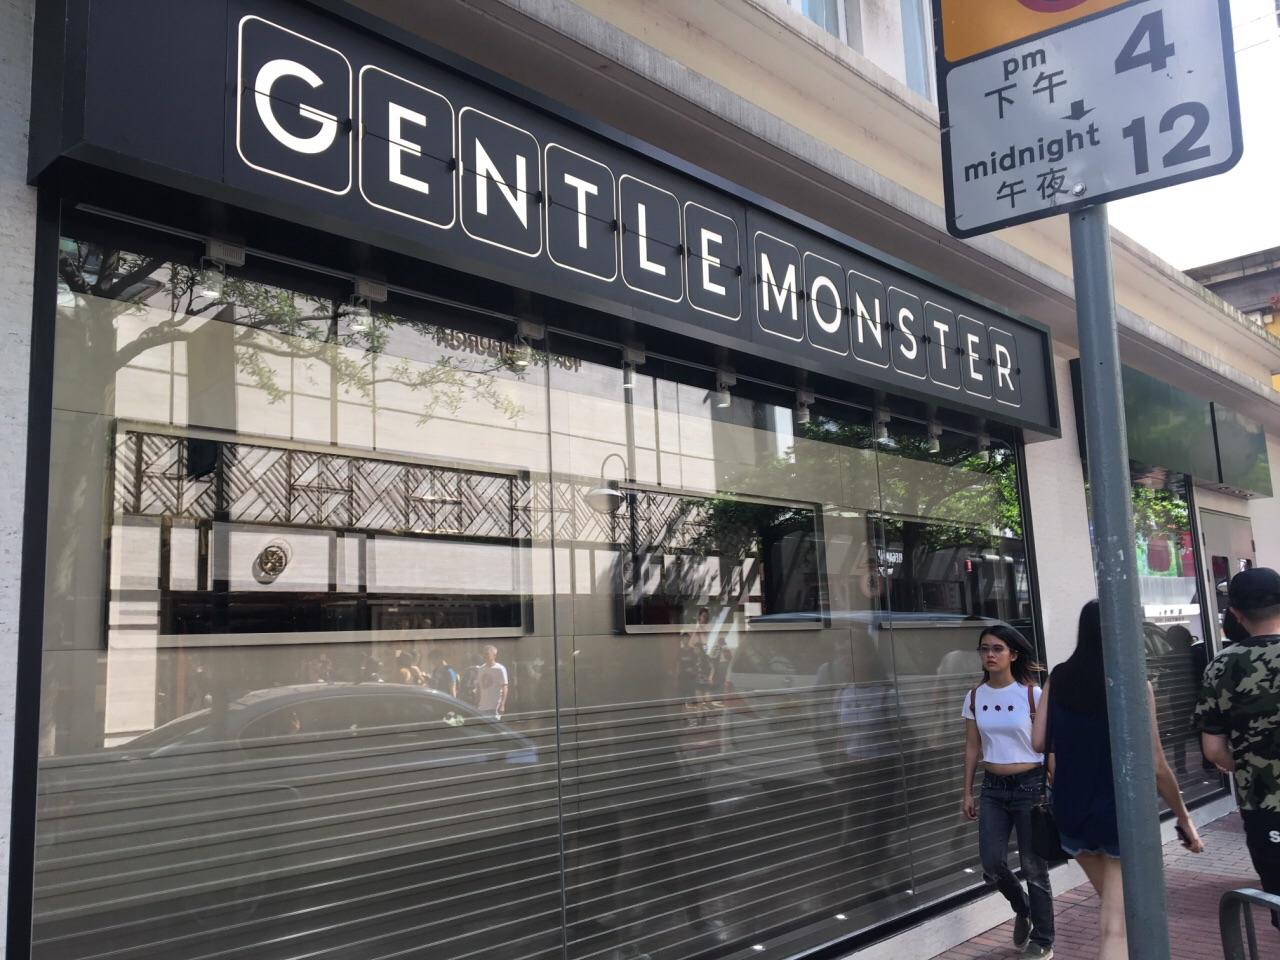 香港hm旗舰店地址_香港Gentle monster旗舰店购物攻略,Gentle monster旗舰店物中心/地址 ...